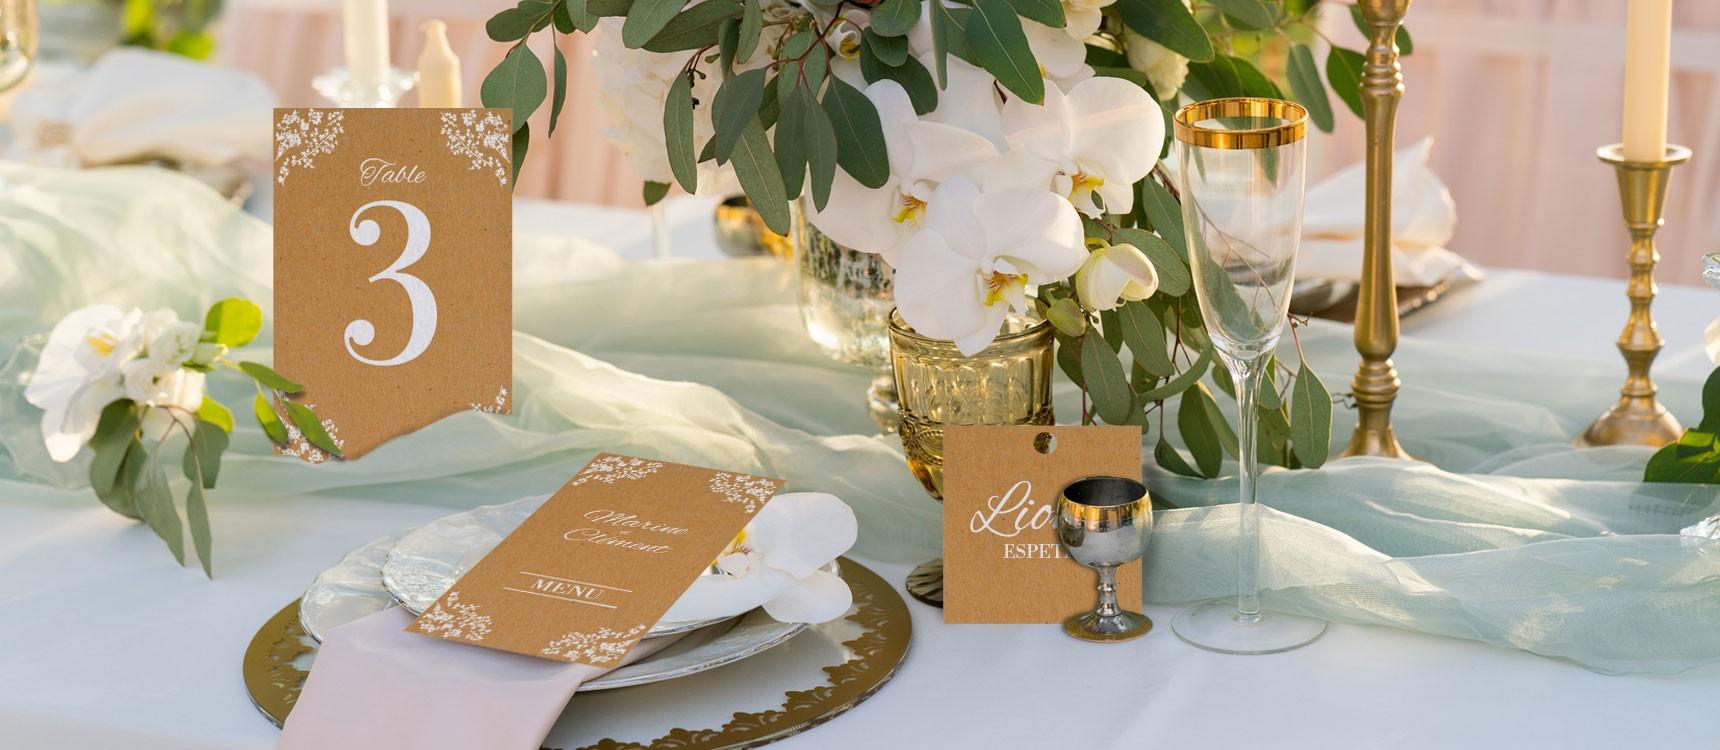 marque place ad le pour une table de mariage champ tre chic. Black Bedroom Furniture Sets. Home Design Ideas